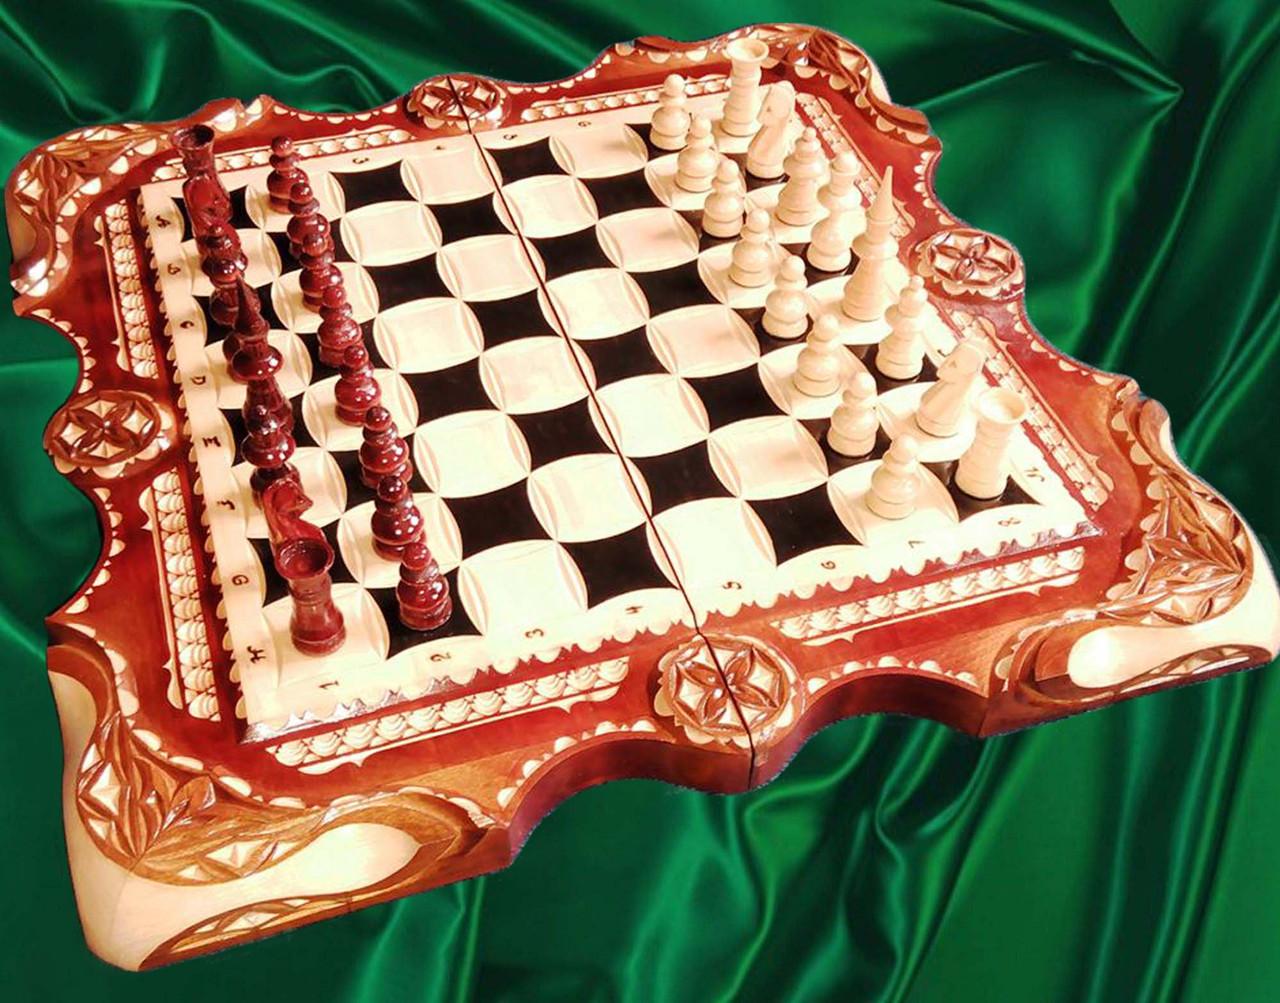 Шахи - нарди - шашки різьблені